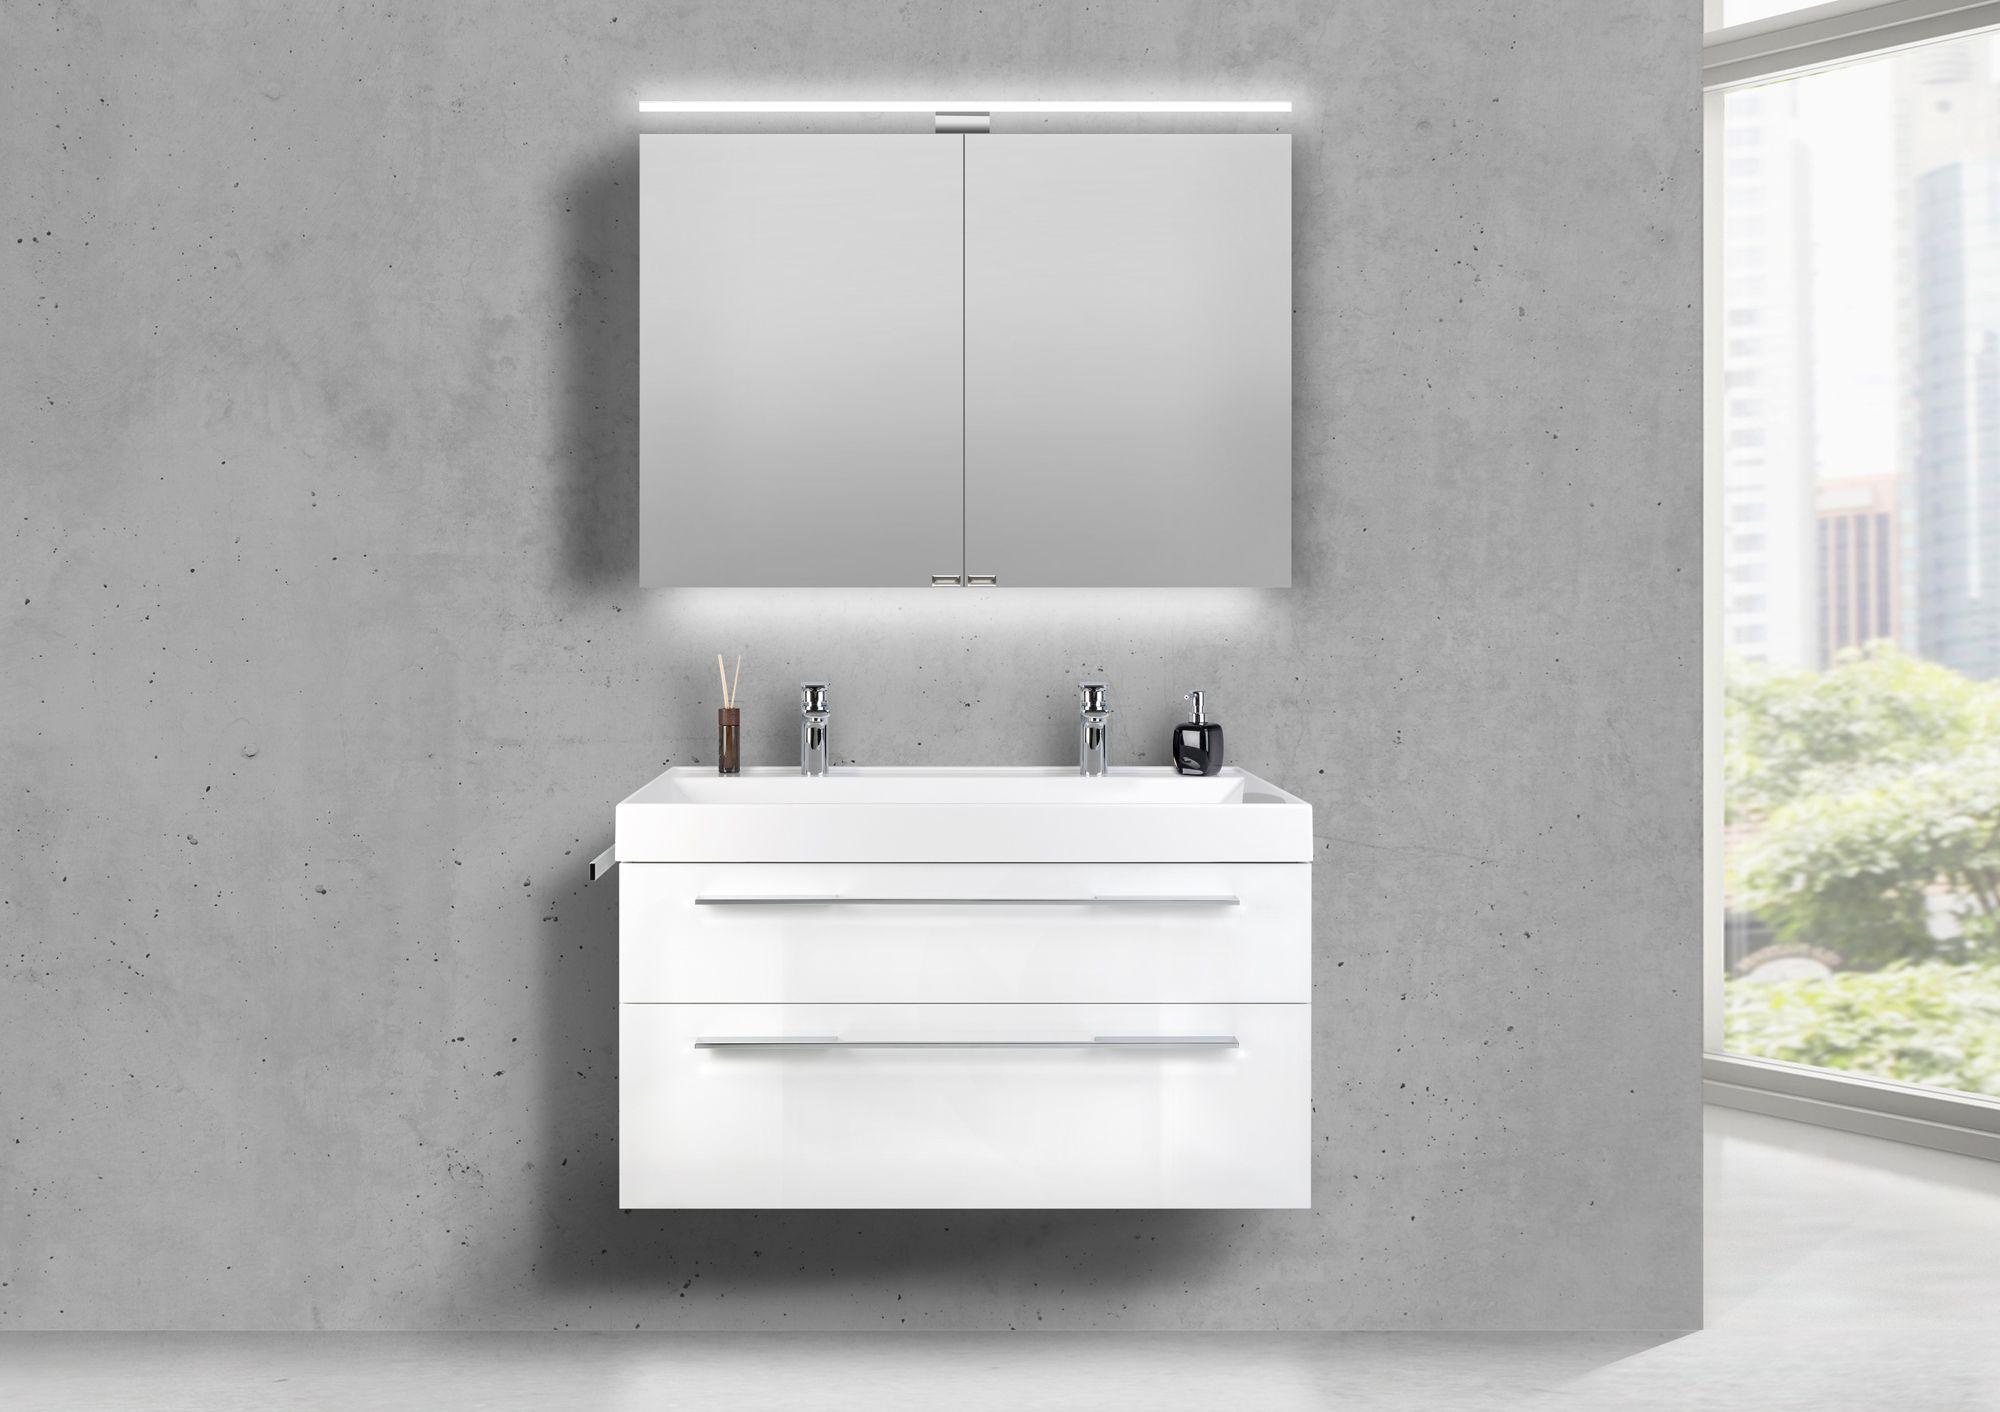 Produktinformationen Doppelwaschtisch 100 Cm Badmobel Set Bella Mit Led Spiegelschrank Spiegelschrank Doppelwaschtisch Badmobel Set